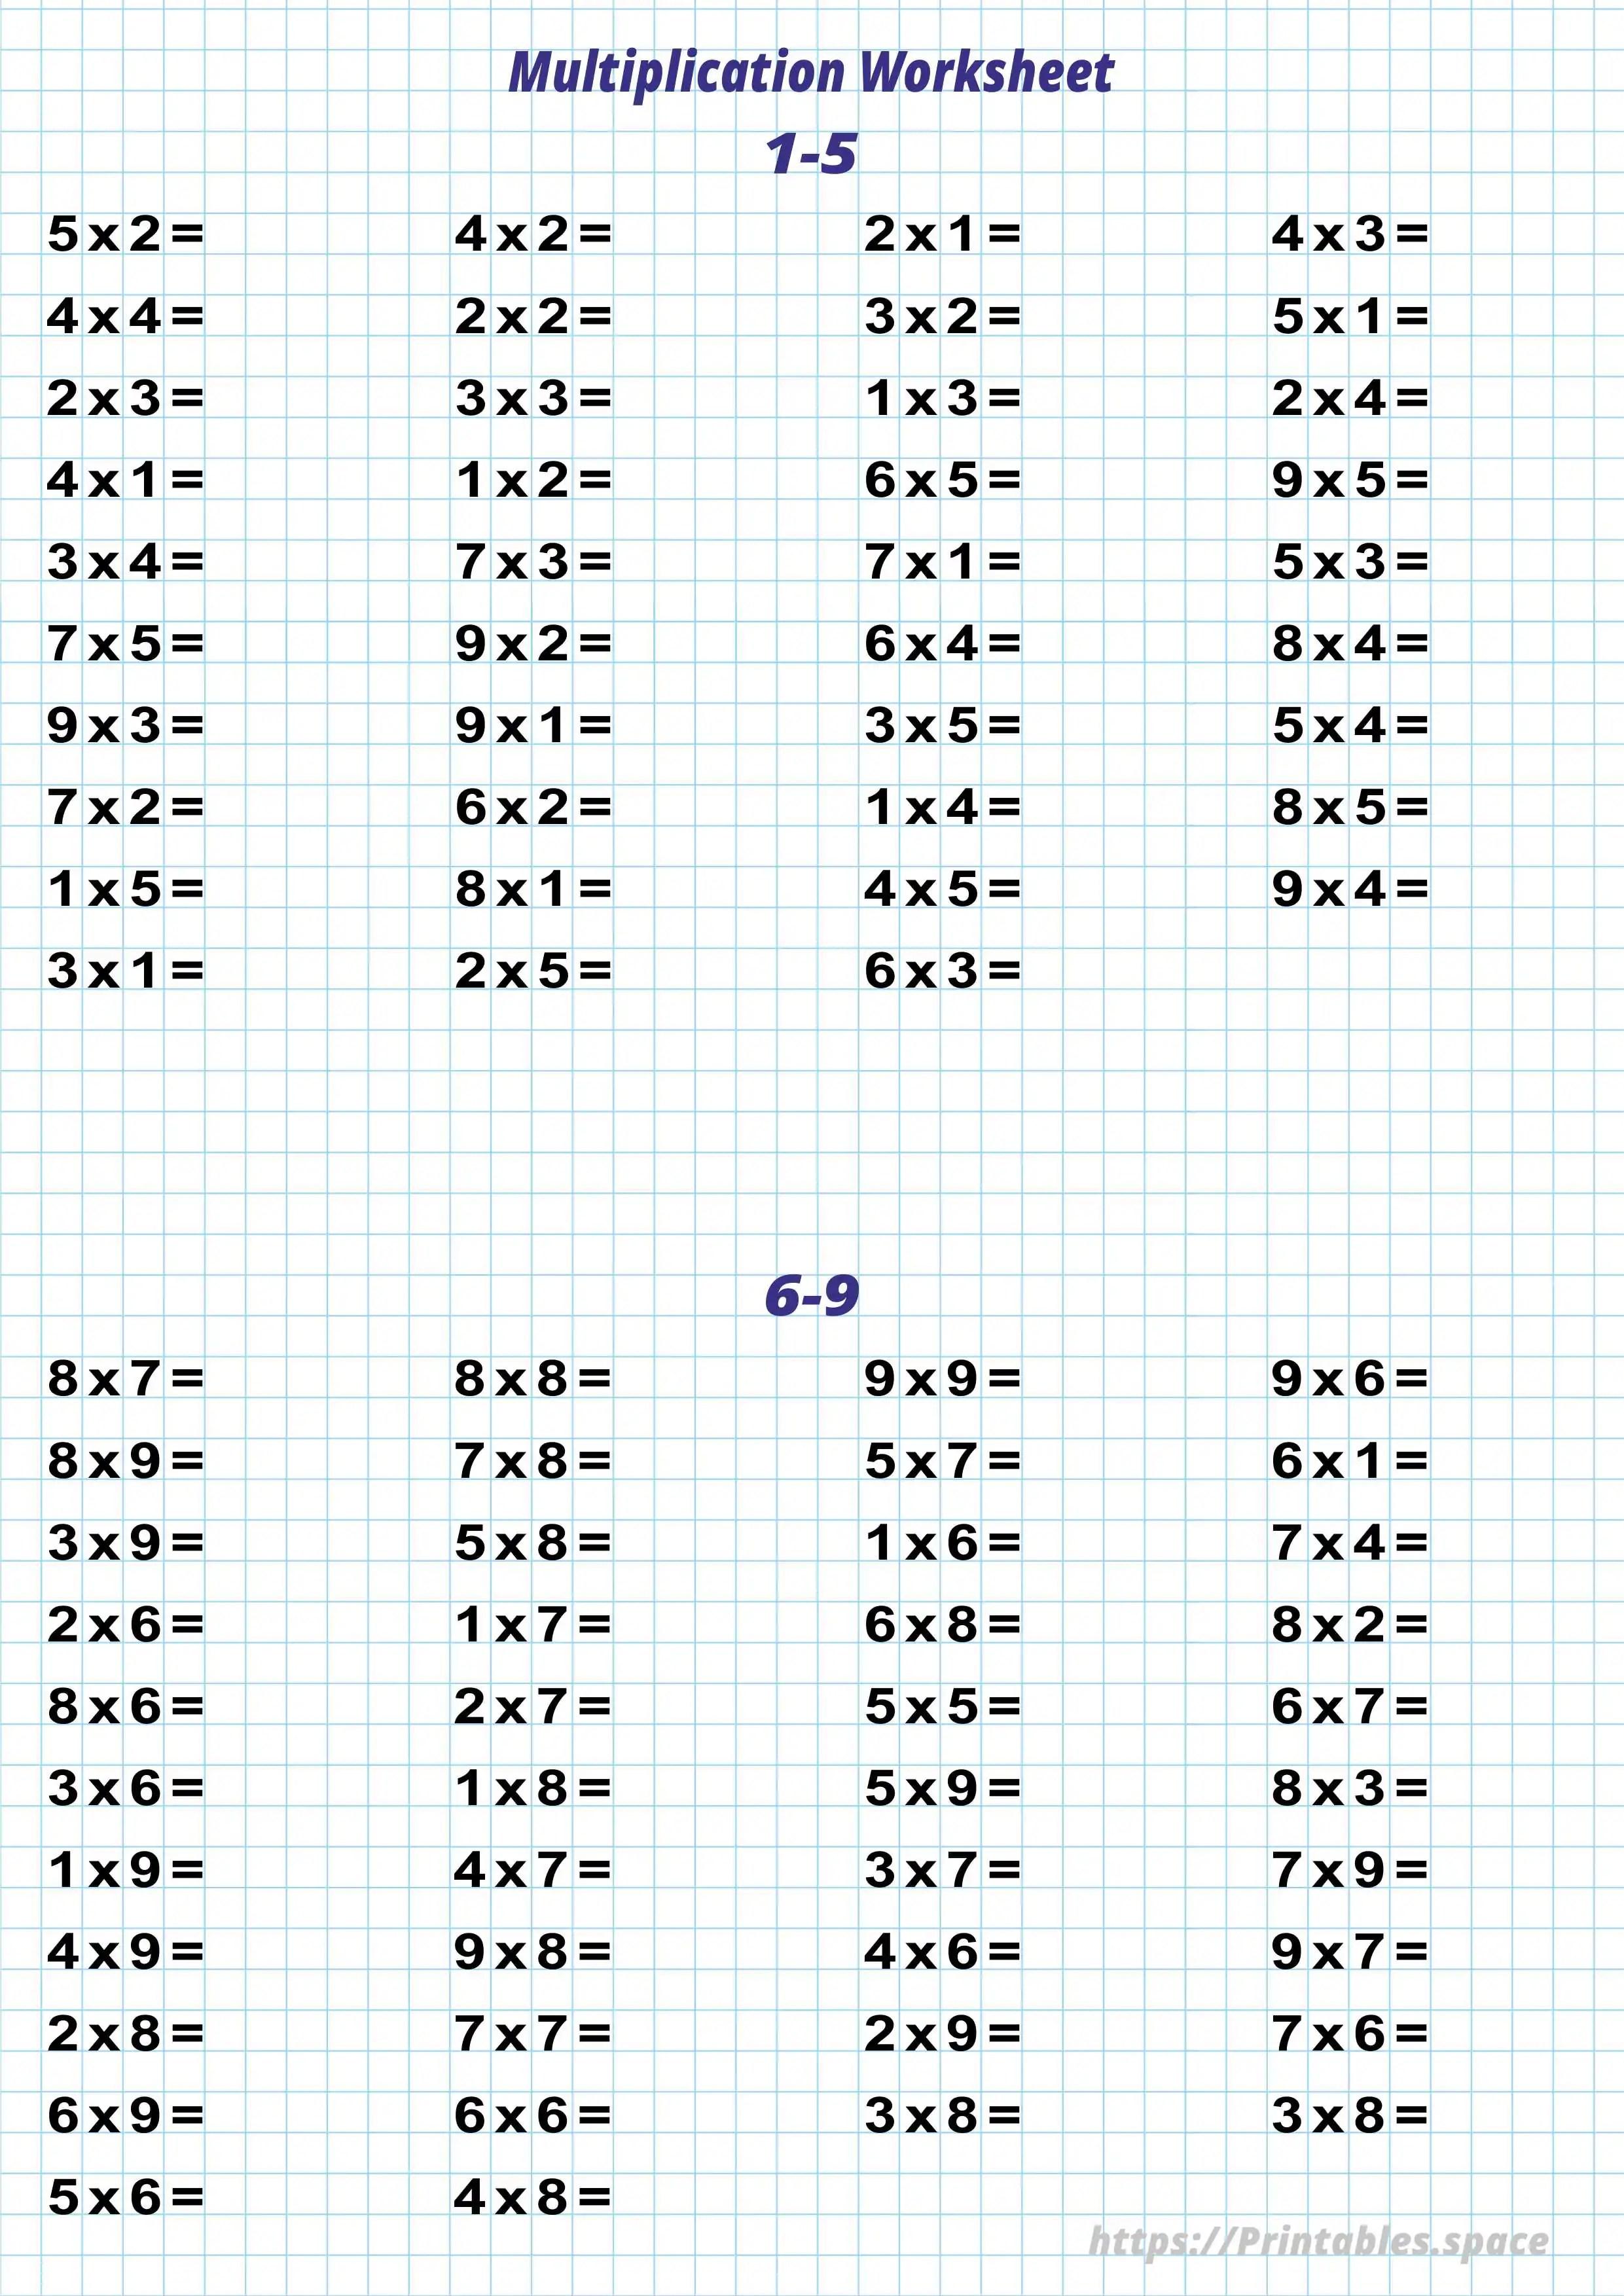 Printable Multiplication Worksheet